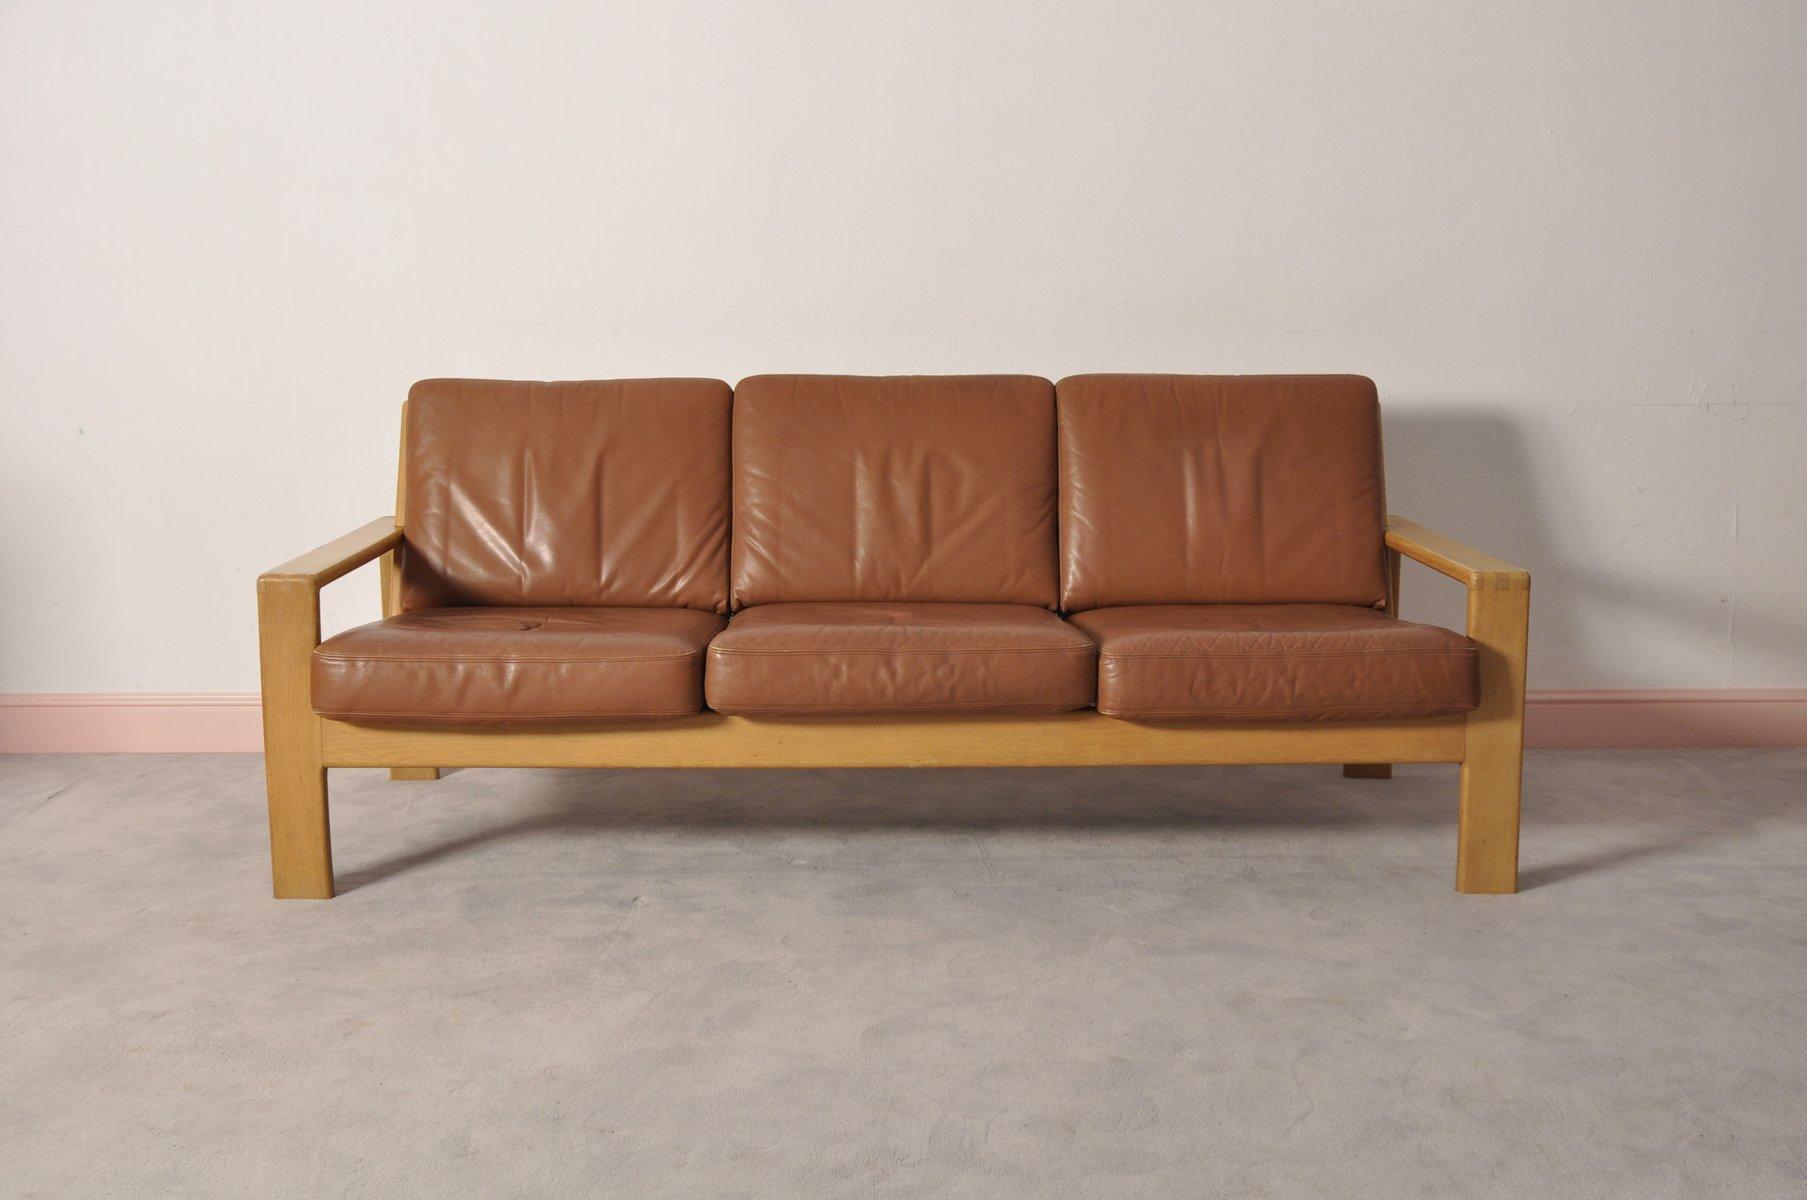 skandinavisches vintage drei sitzer ledersofa aus eiche bei pamono kaufen. Black Bedroom Furniture Sets. Home Design Ideas